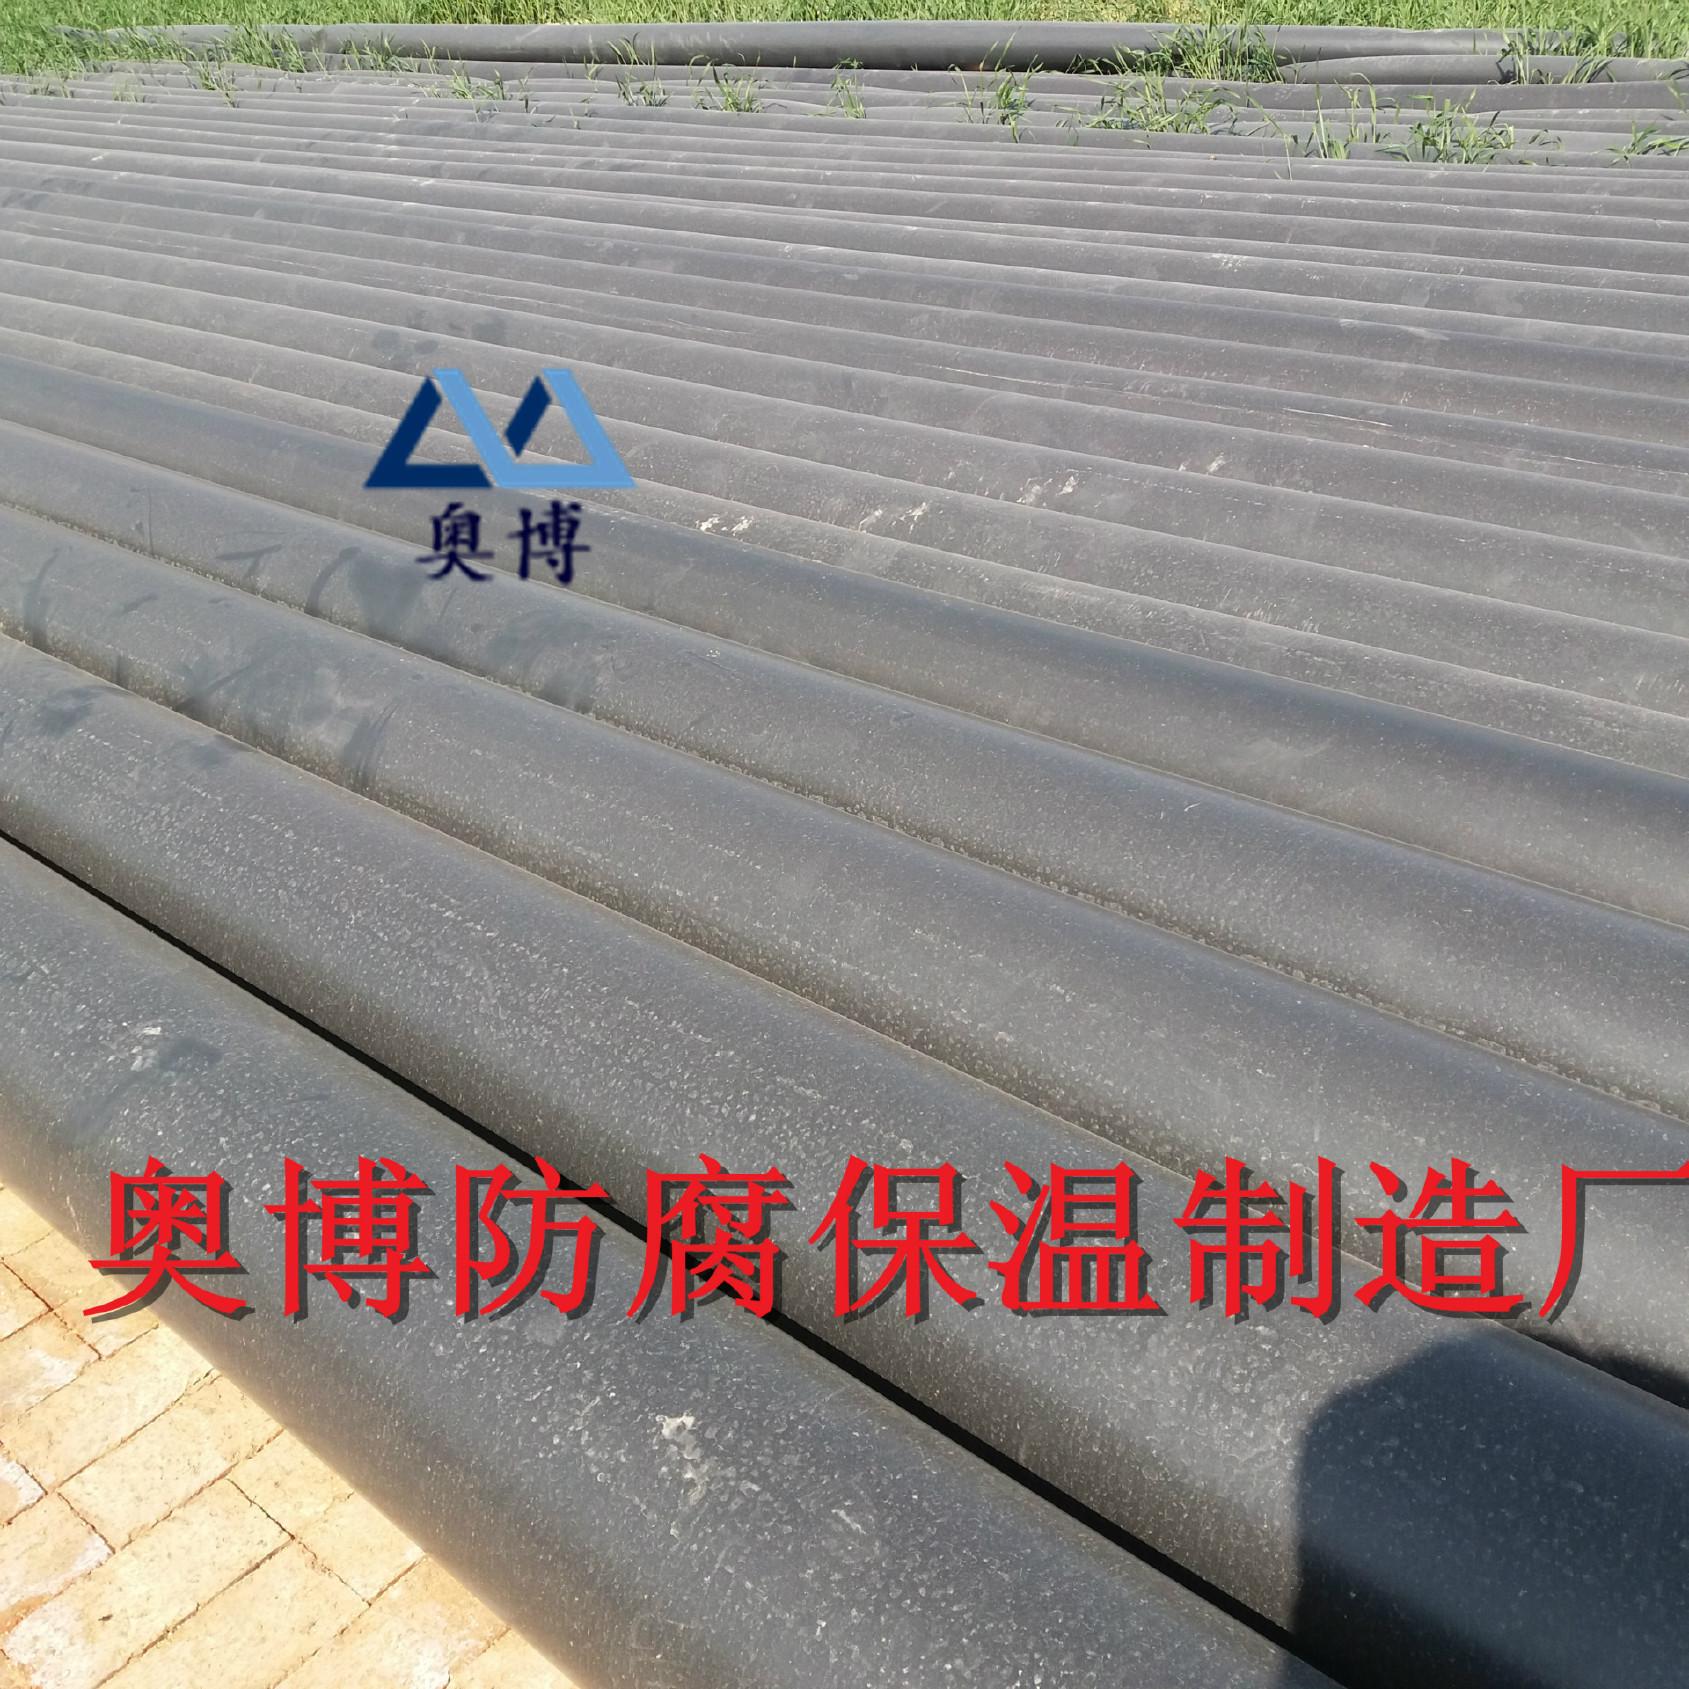 现货供应 聚乙烯夹克管 高密度聚乙夹克管 批发 聚乙烯外护管示例图2